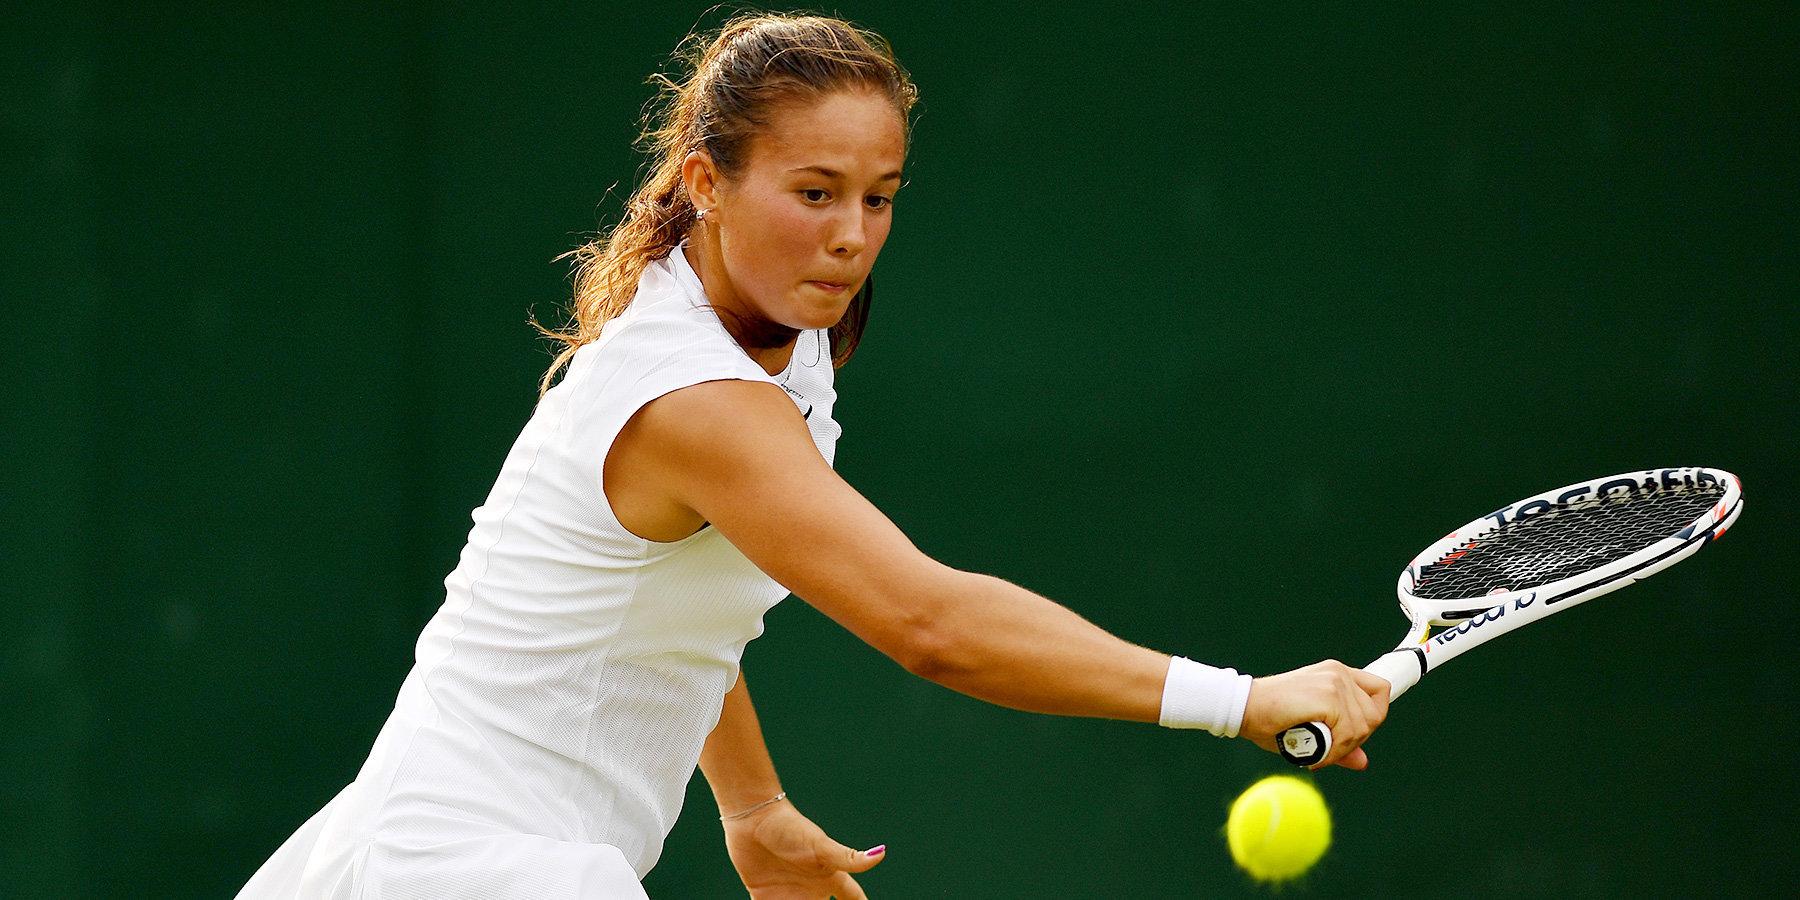 Свитолина— Уильямс: лучшие моменты теннисного поединка